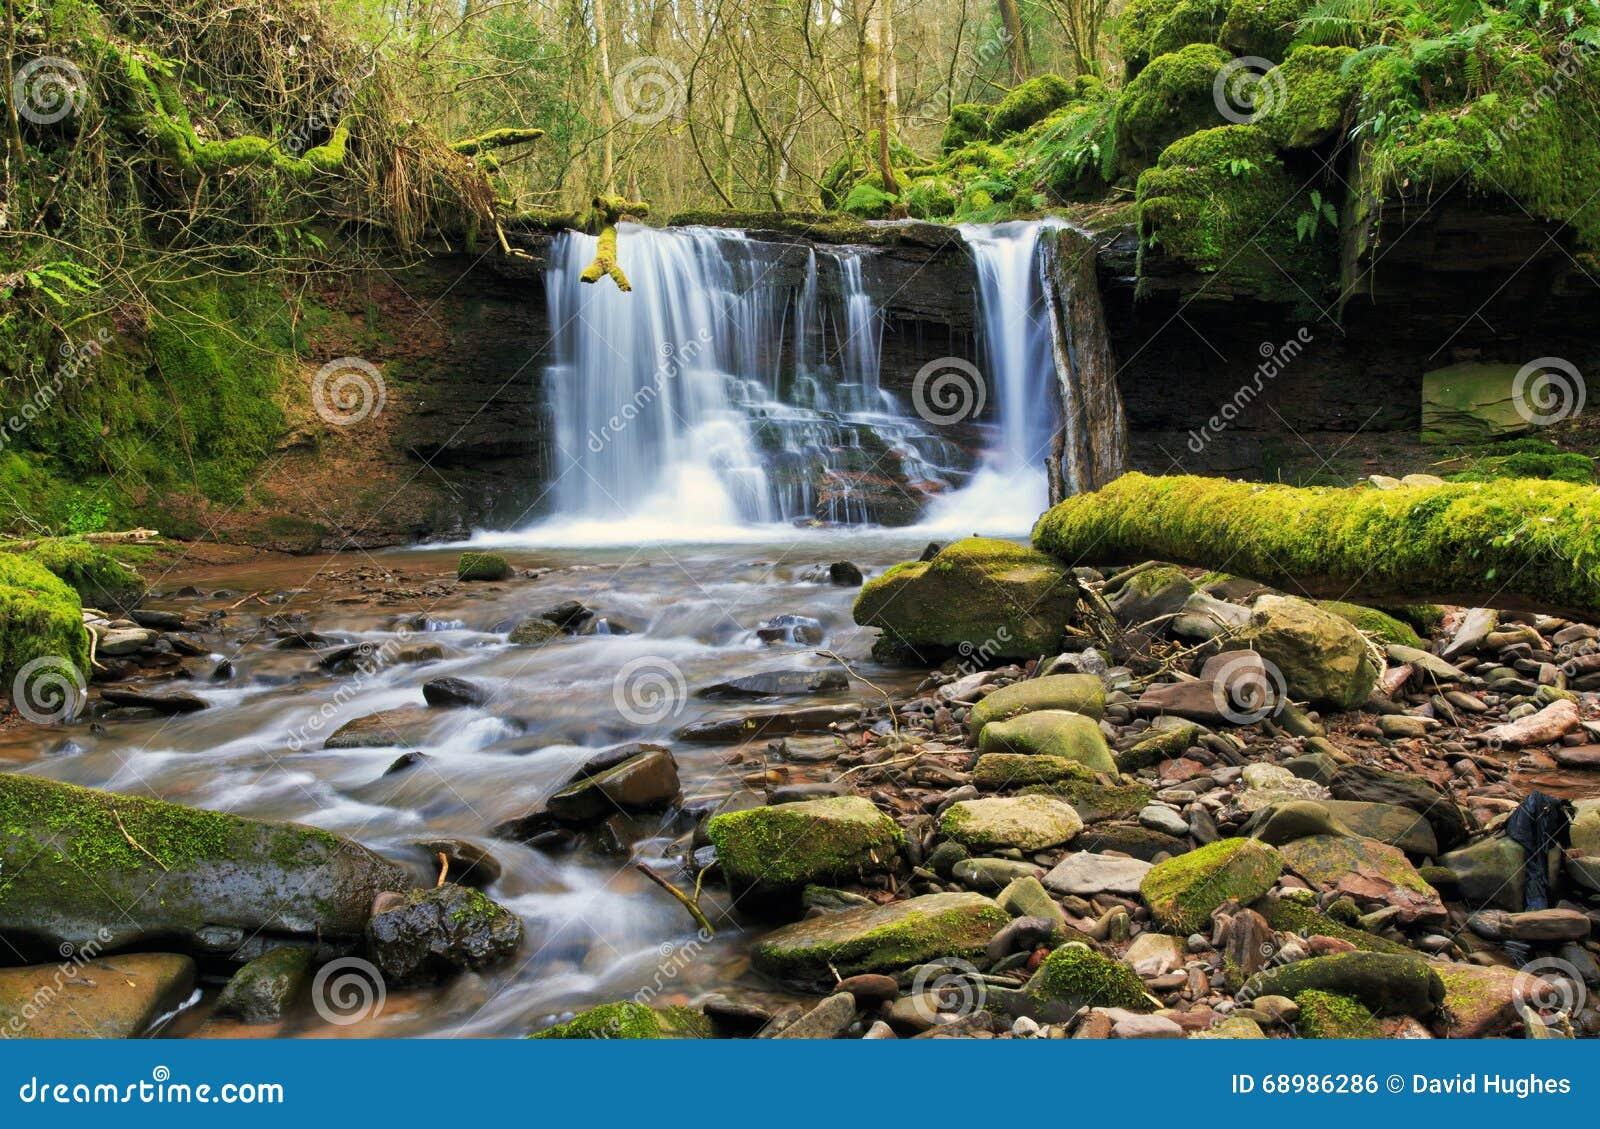 Cascada borrosa en el río Ennig; en la reserva de naturaleza de Pwll y Wrach